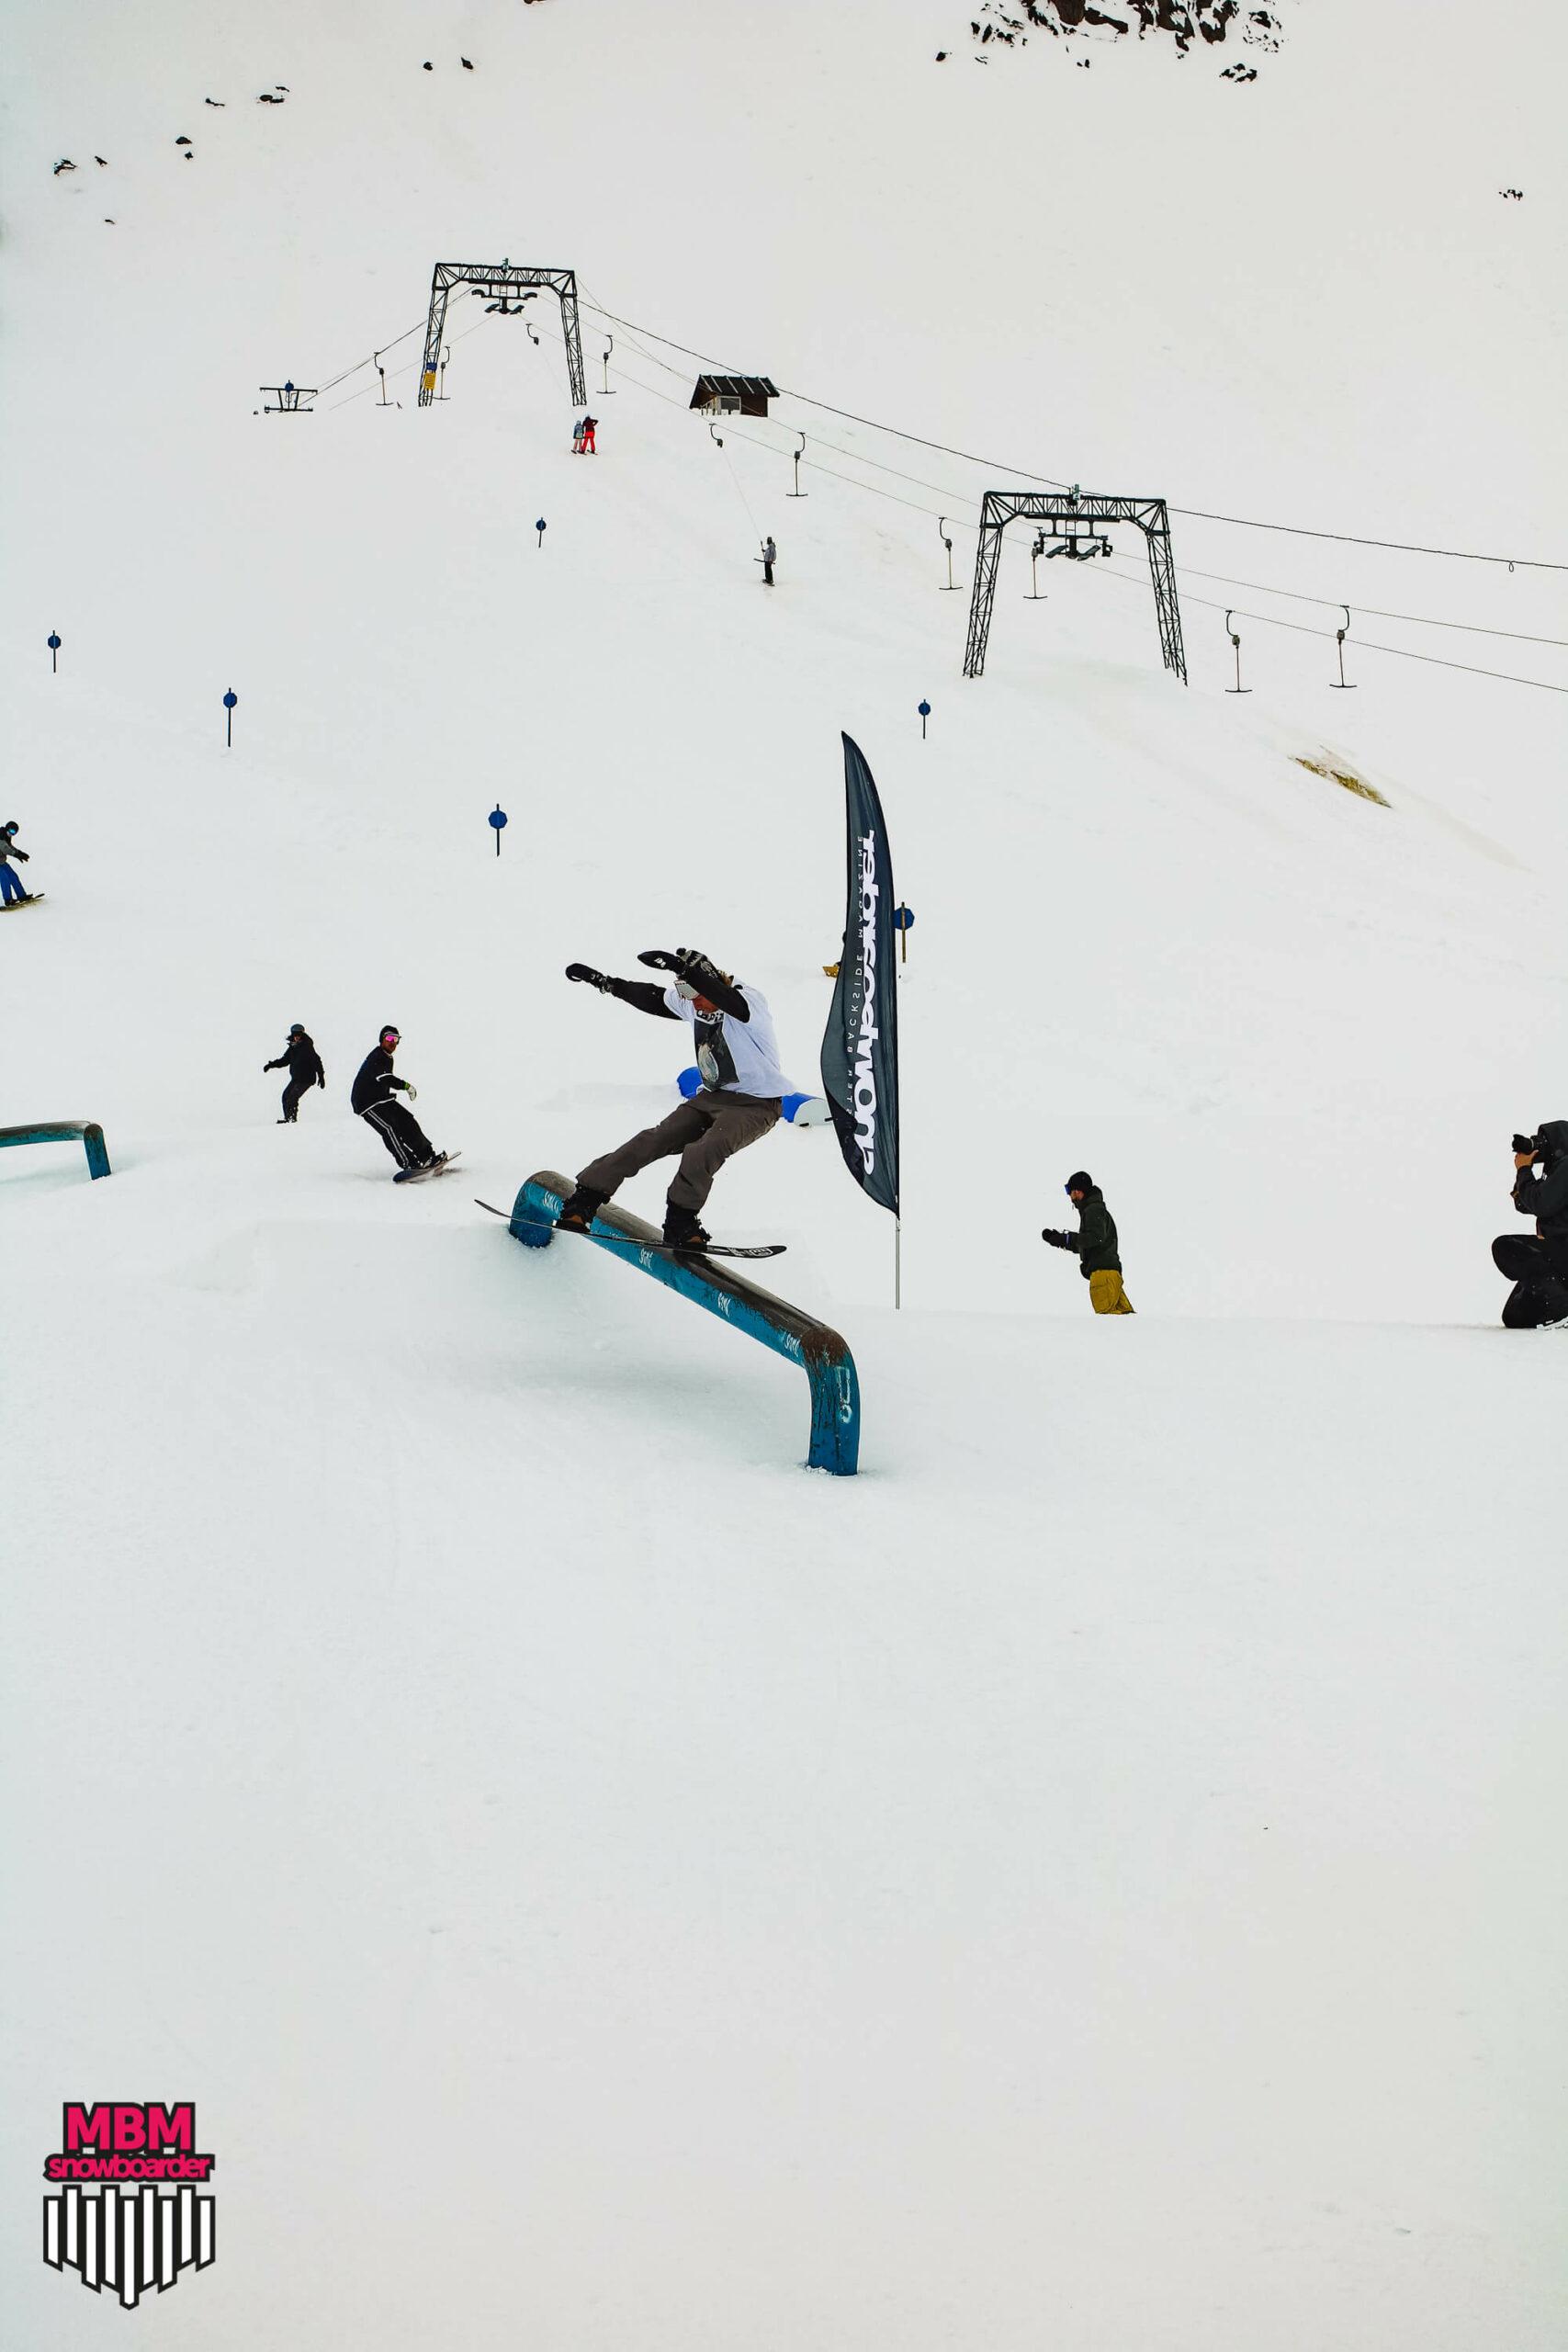 snowboarderMBM_sd_kaunertal_060